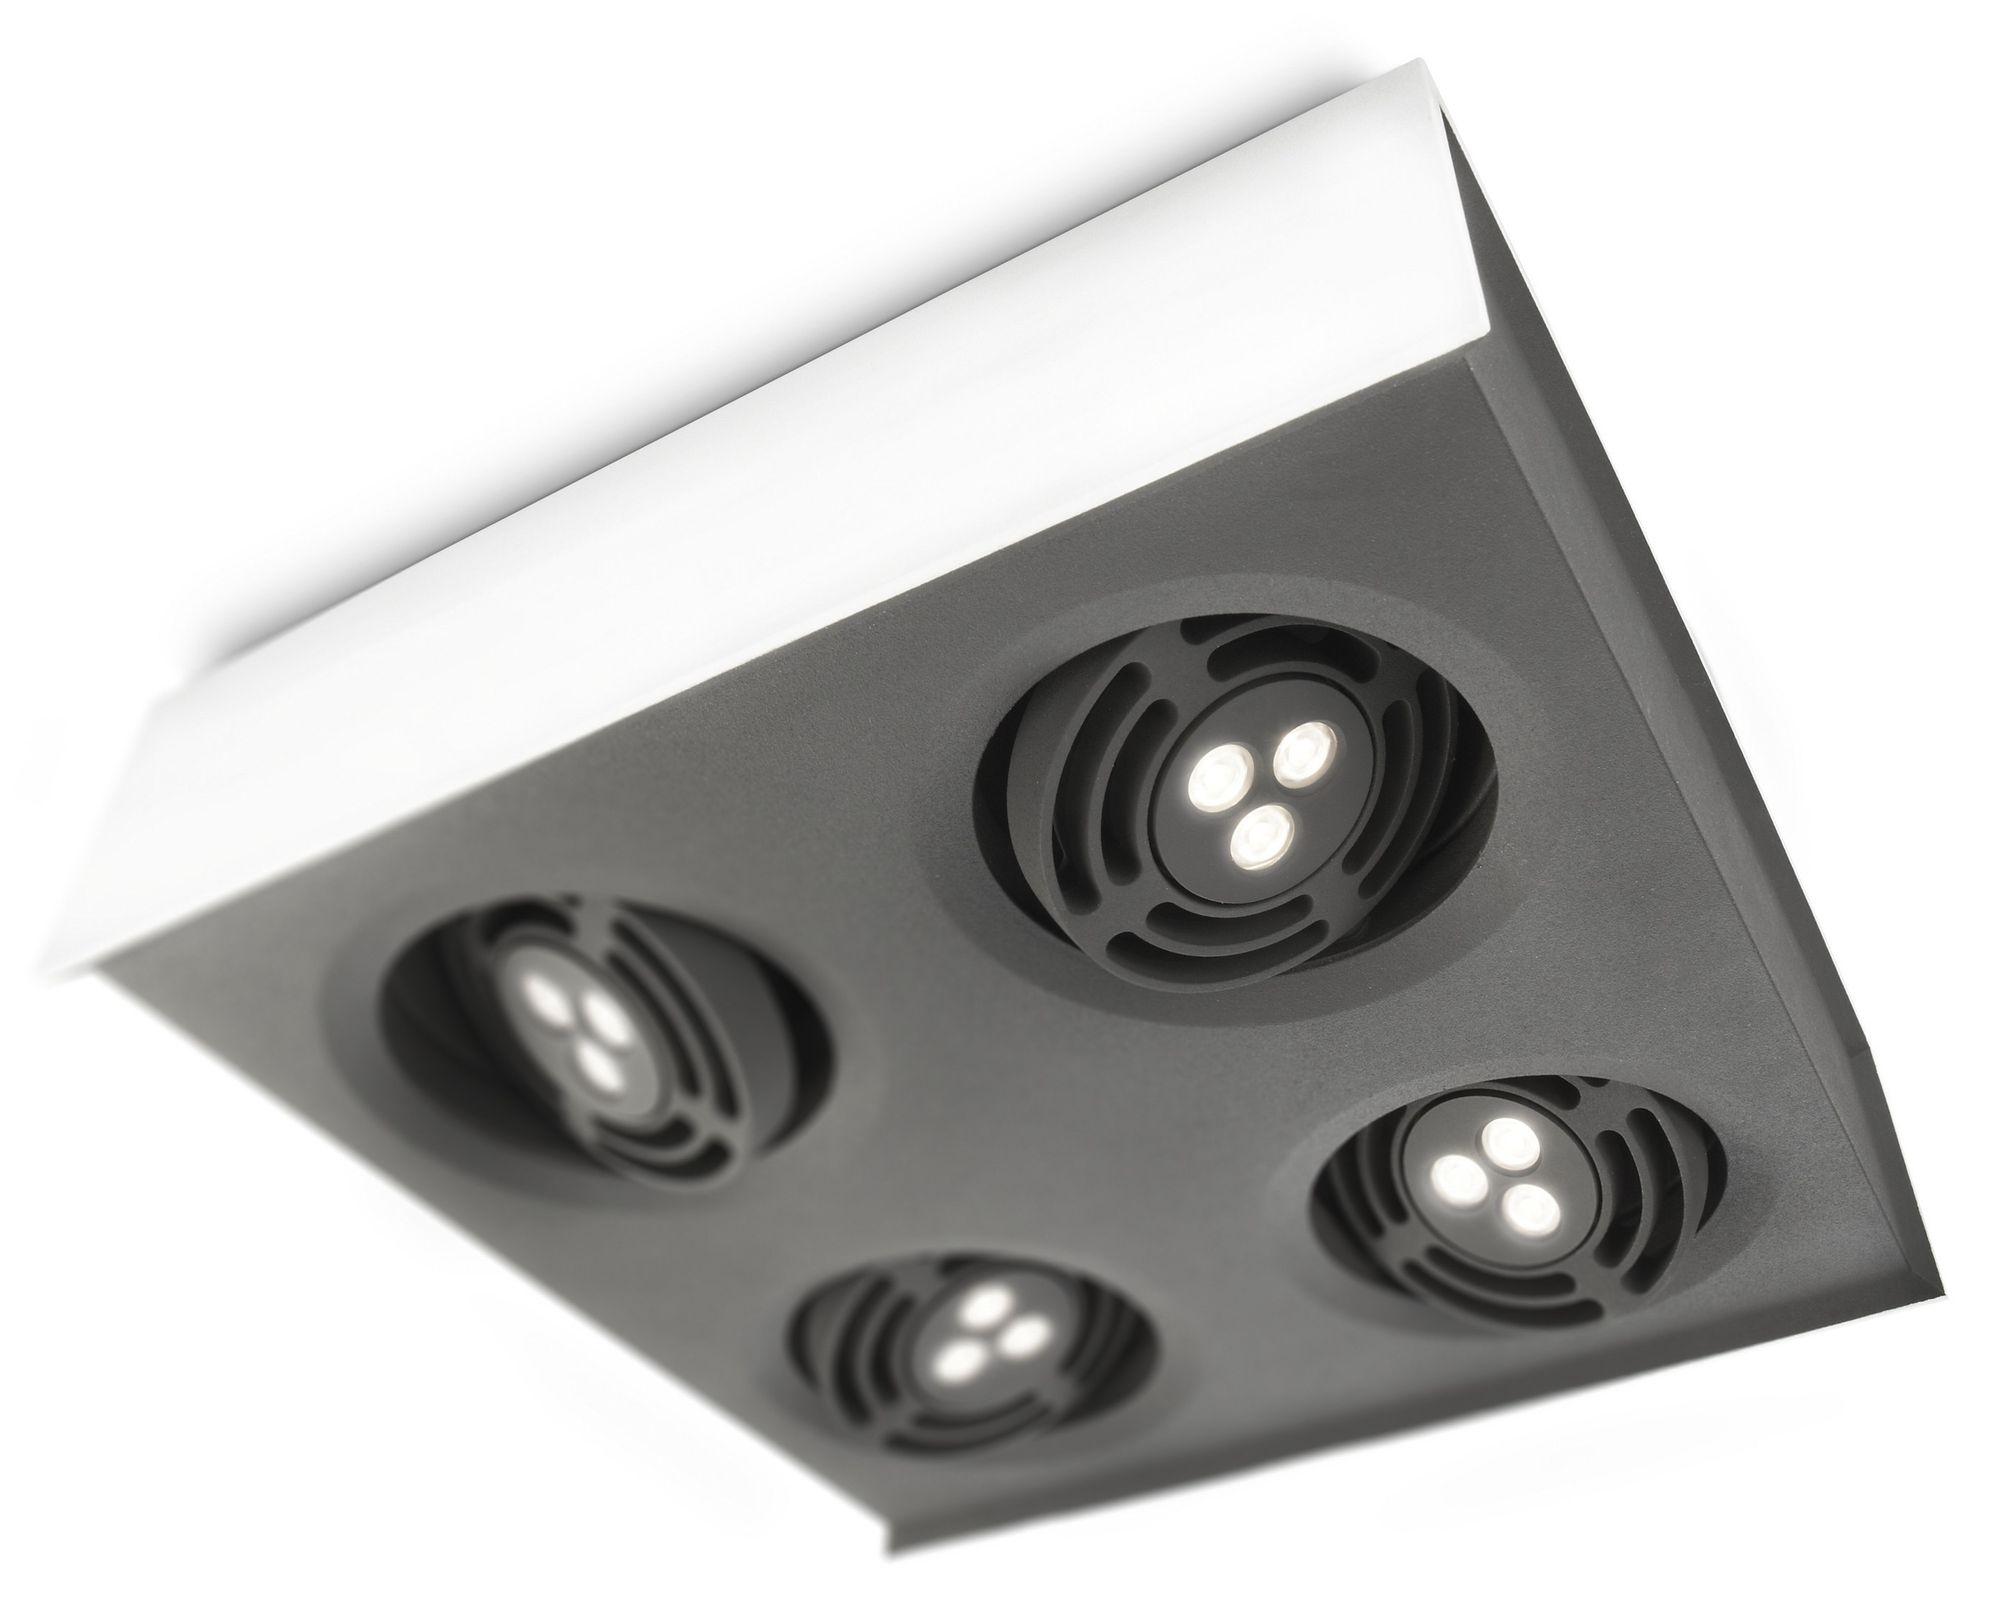 Philips Lampen Kopen : Led lampen: philips led lampen kopen